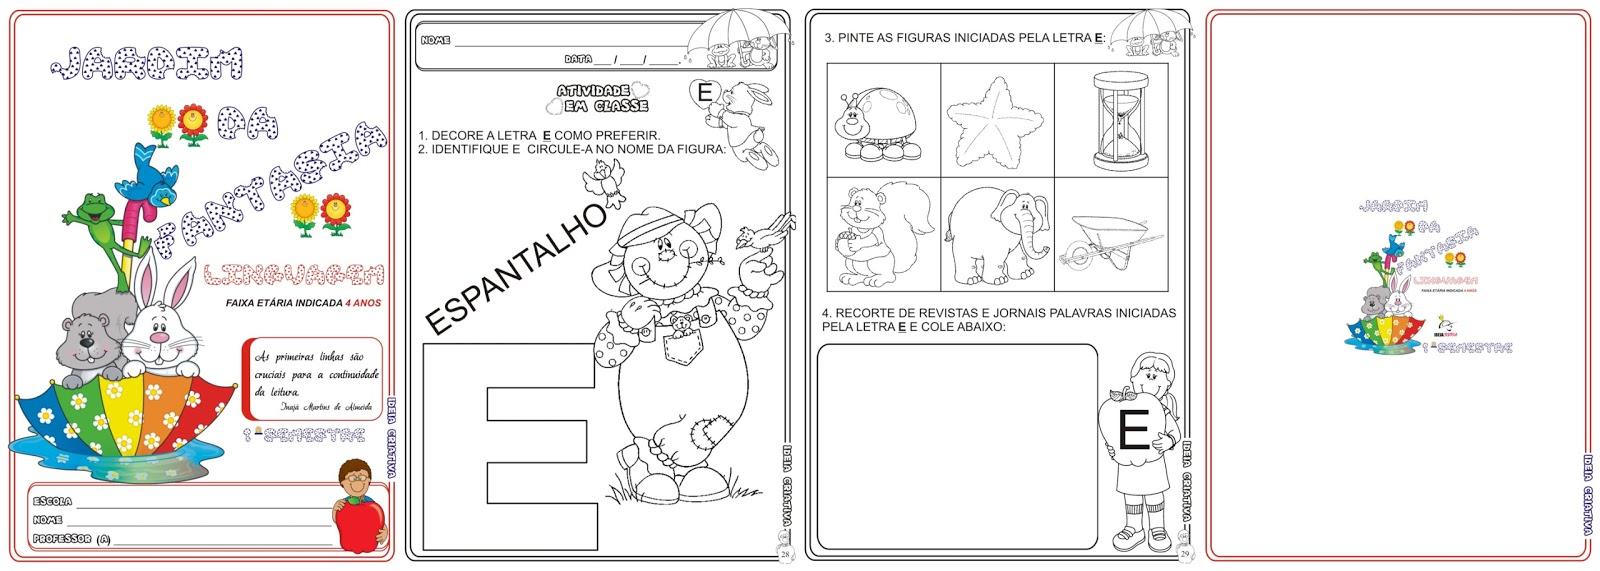 Excepcional Caderno de Atividades Linguagem Jardim da Fantasia 1º Semestre  YX16